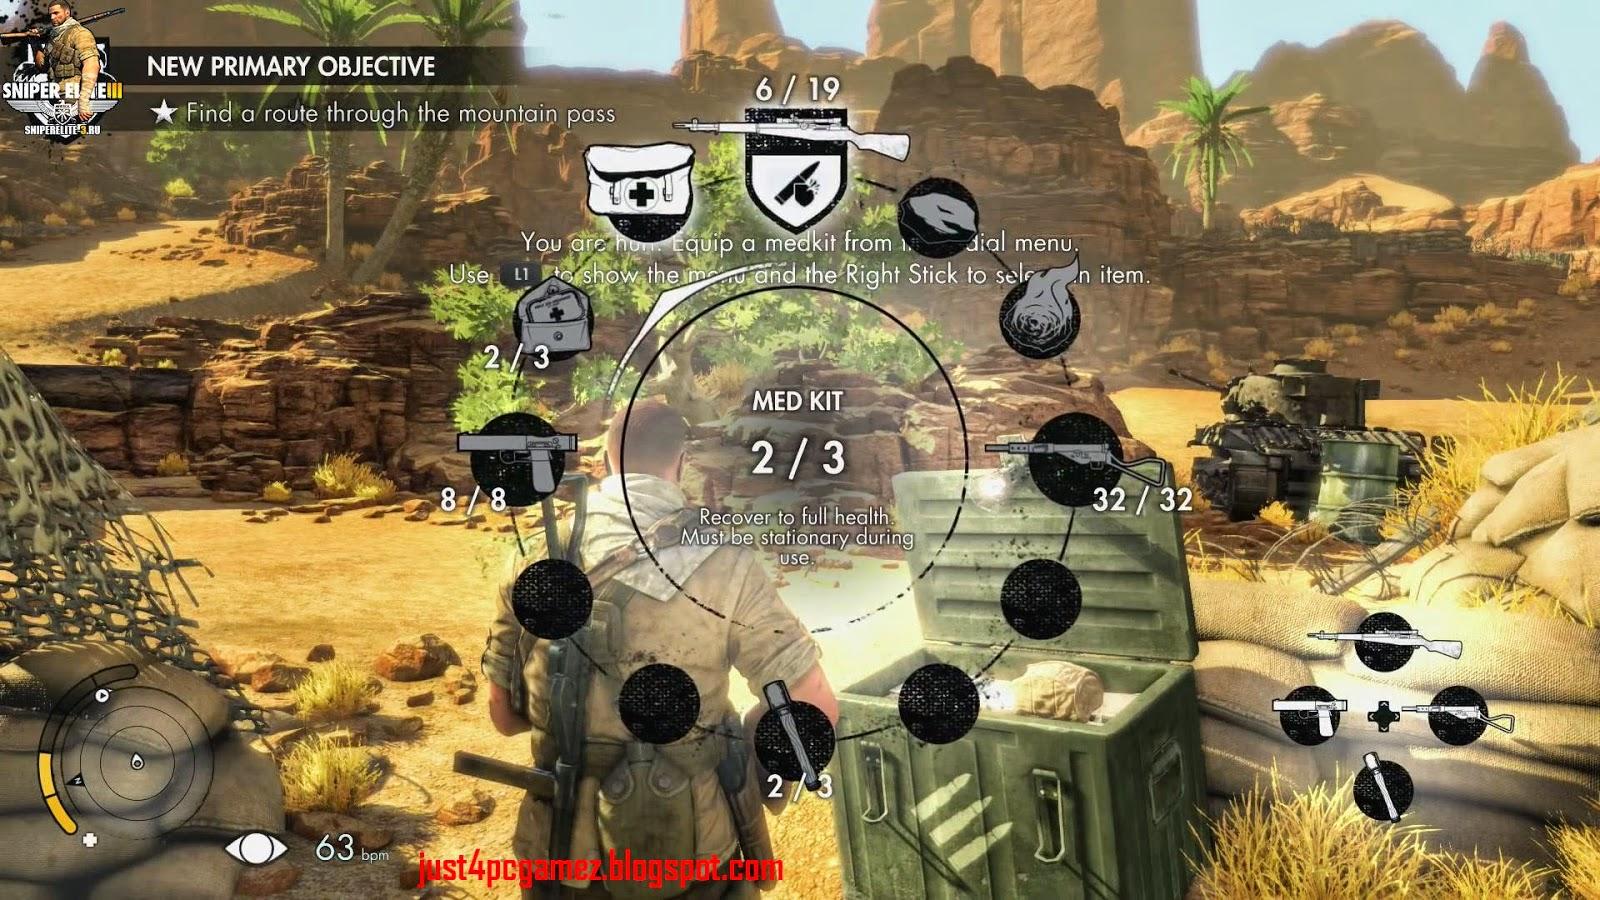 Sniper elite 3 скачать торрент repack для pc русская версия.